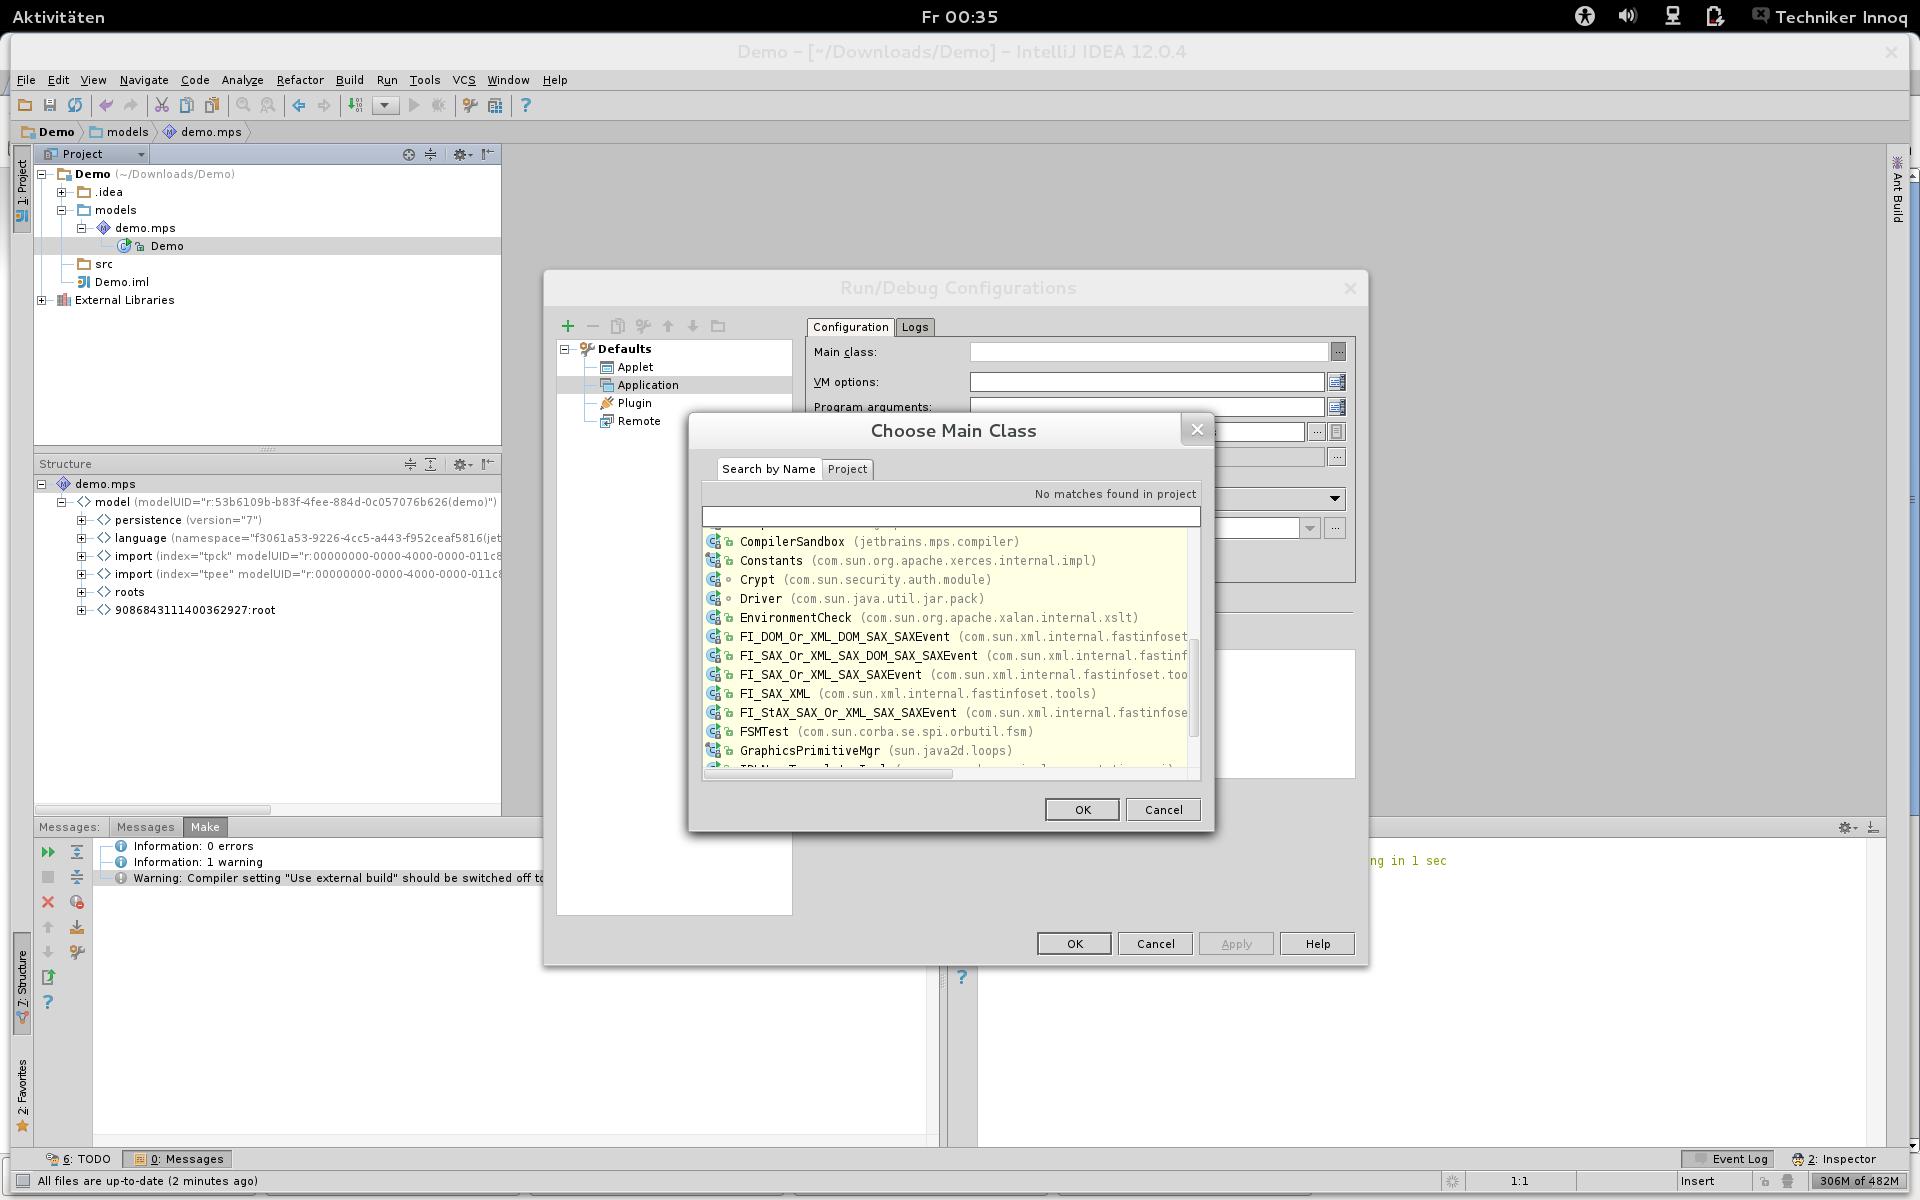 Bildschirmfoto am 2013-02-15 00:35:57.png